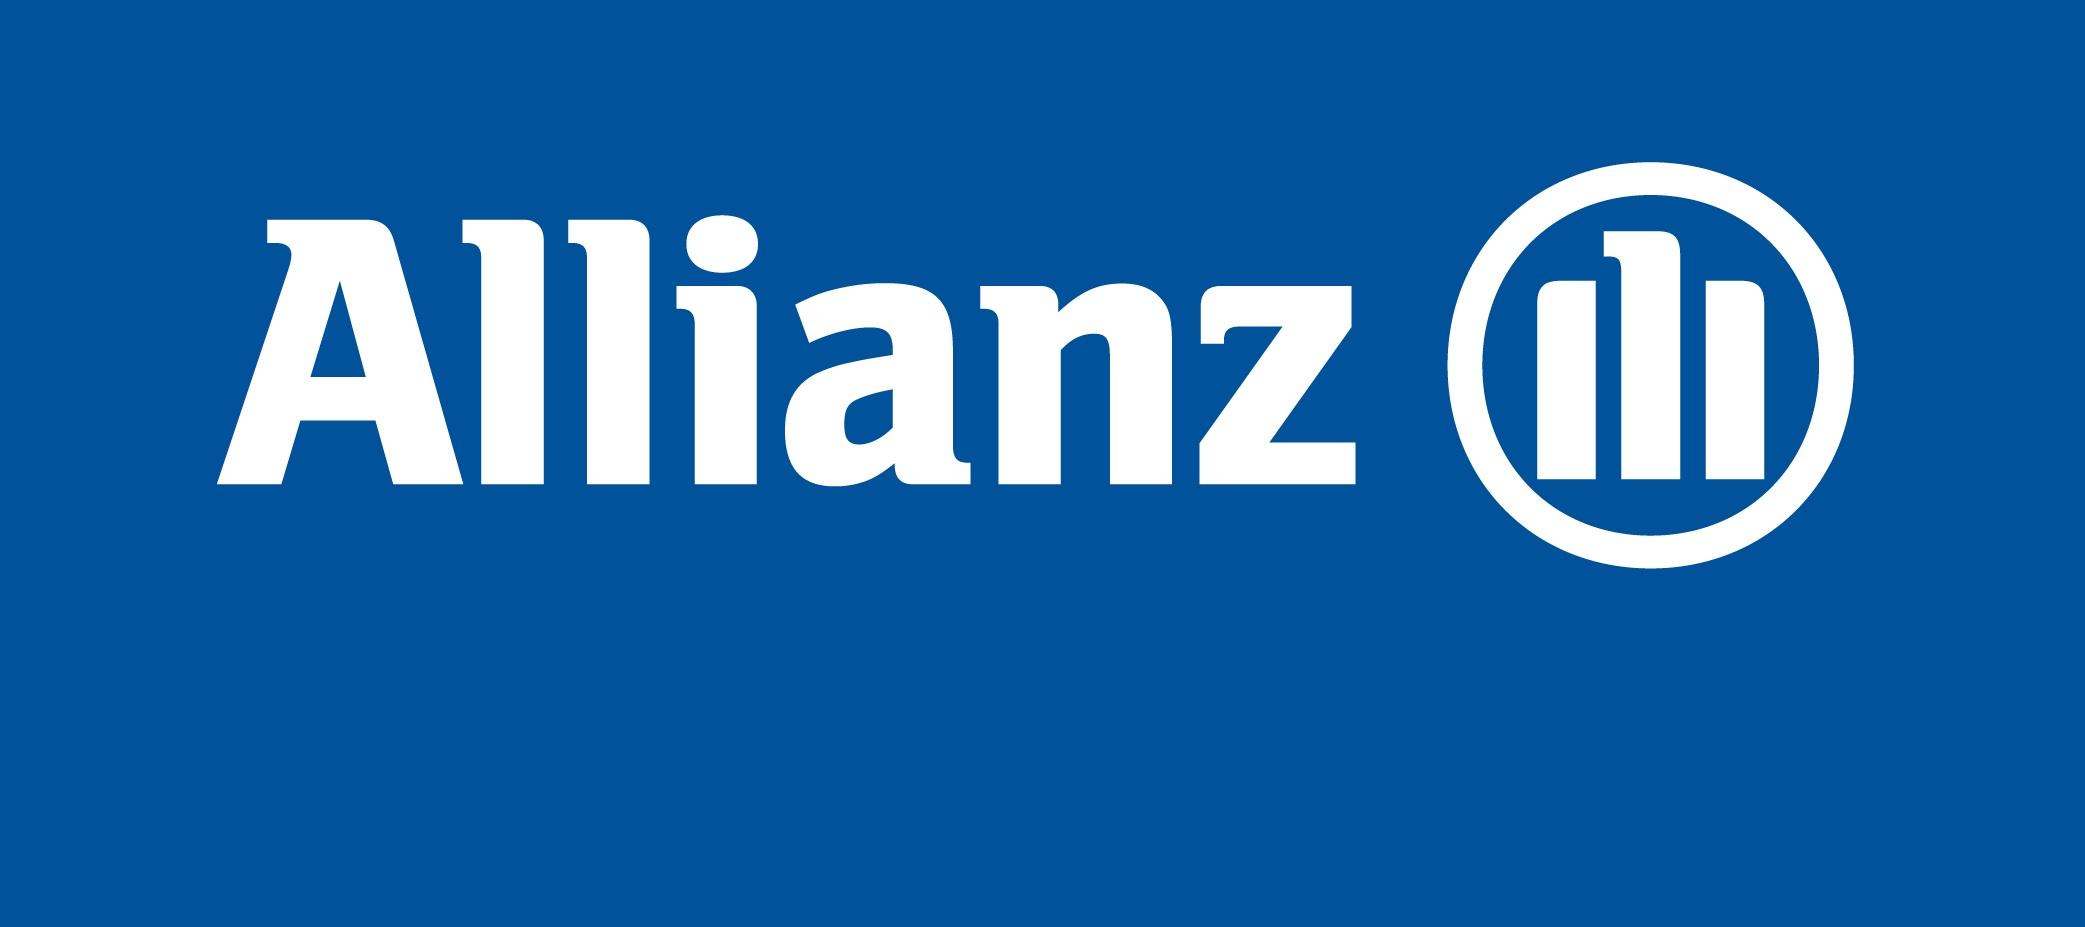 allianz logo 6 - Allianz Logo